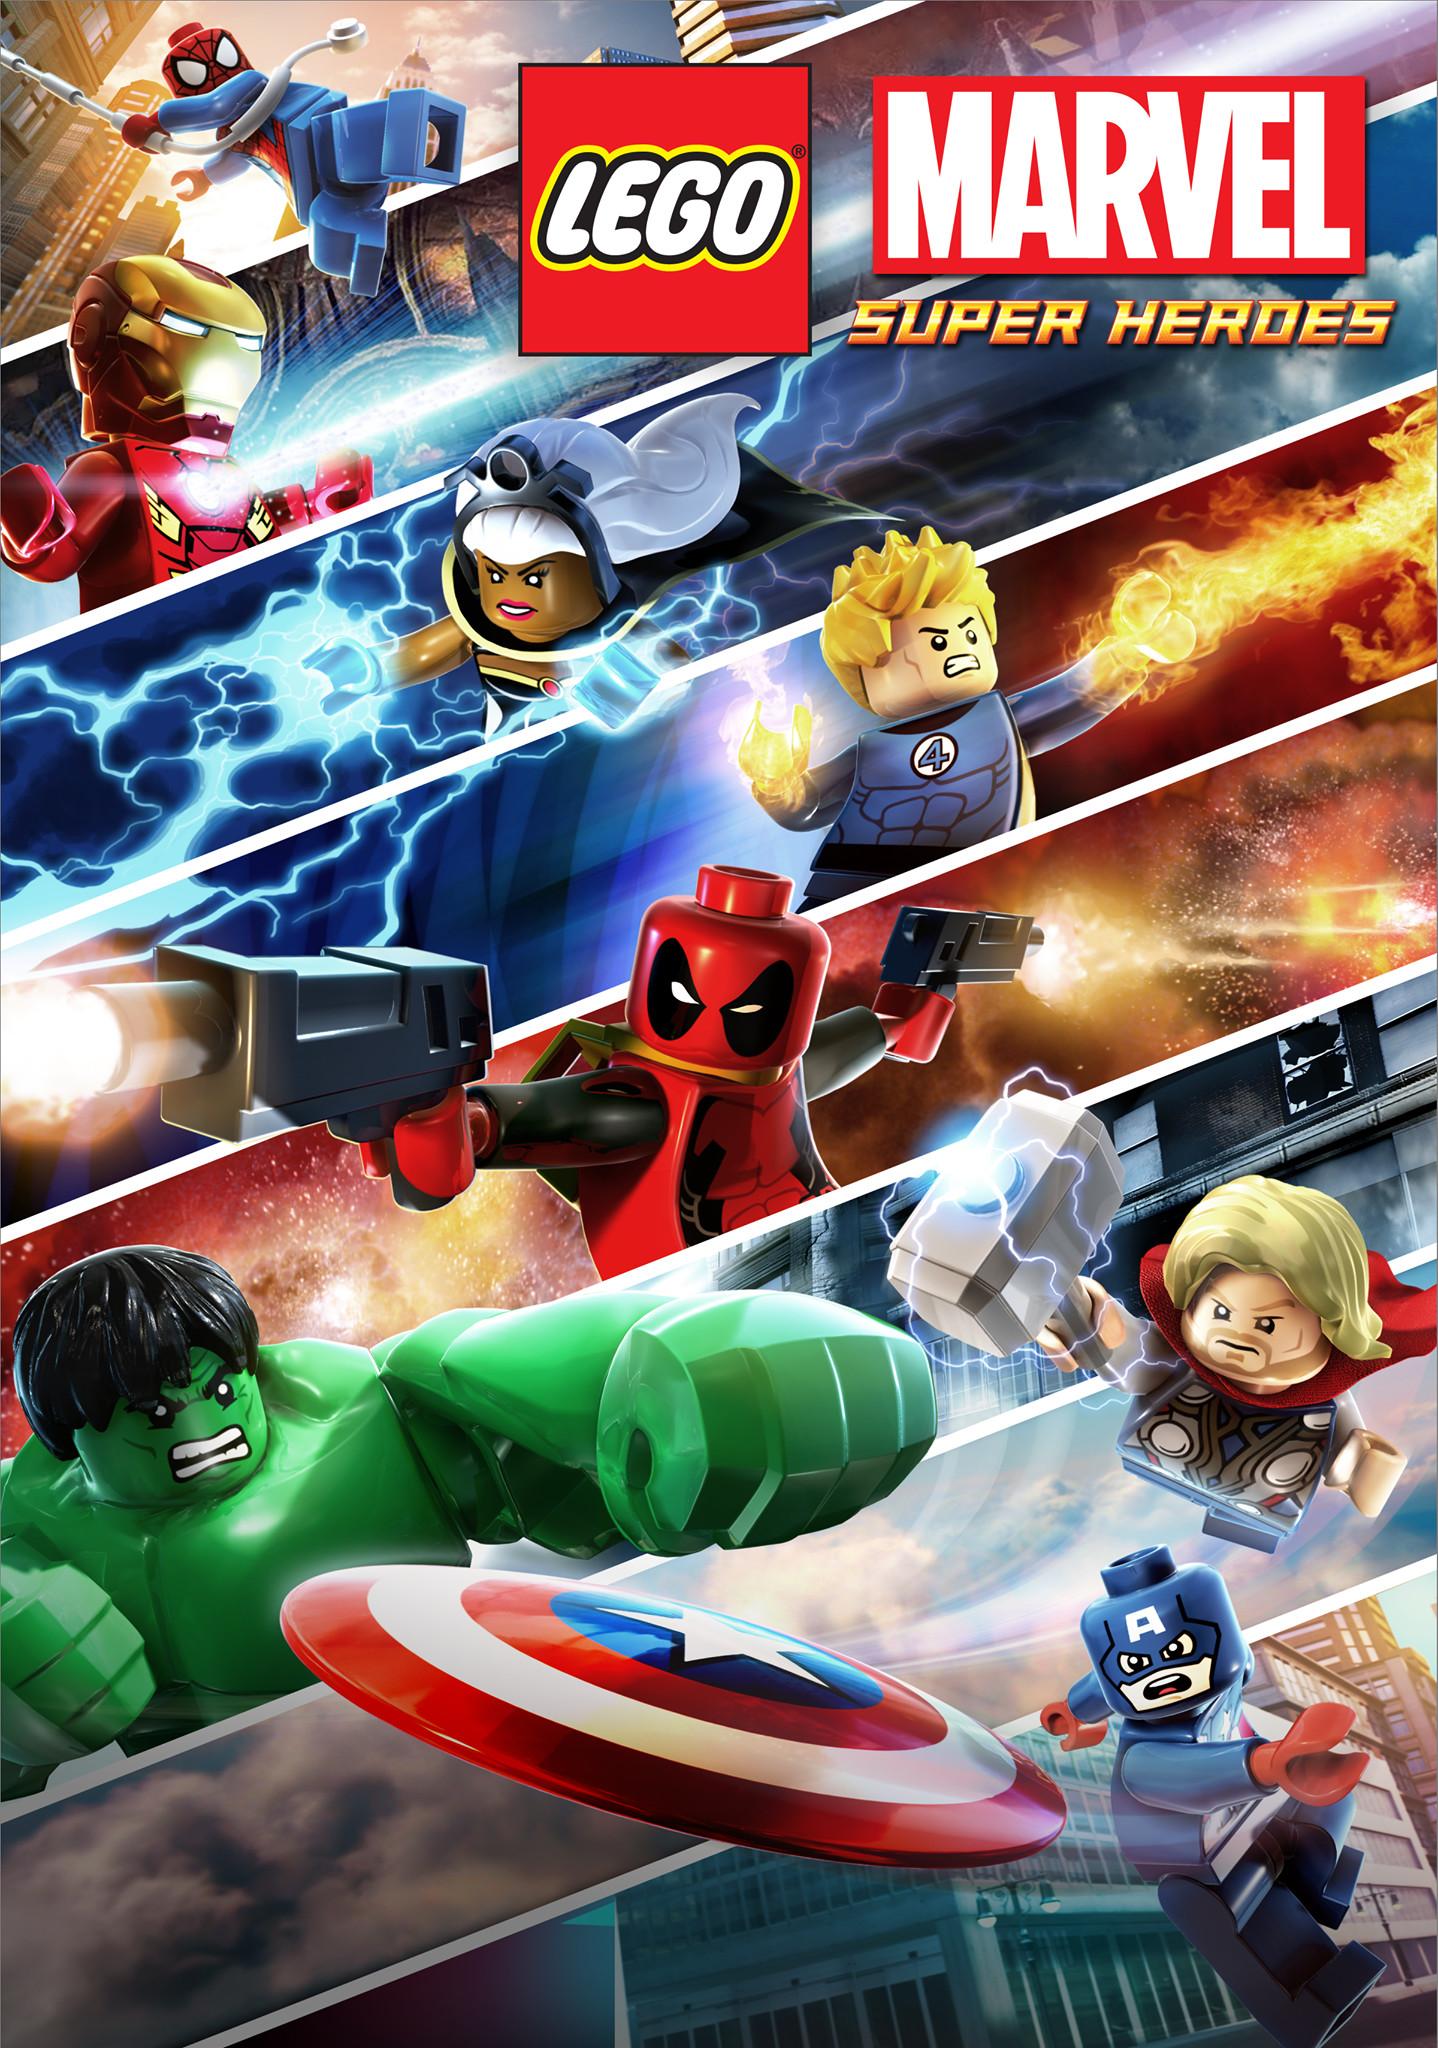 Res: 1438x2048, Lego Superheroes Wallpaper